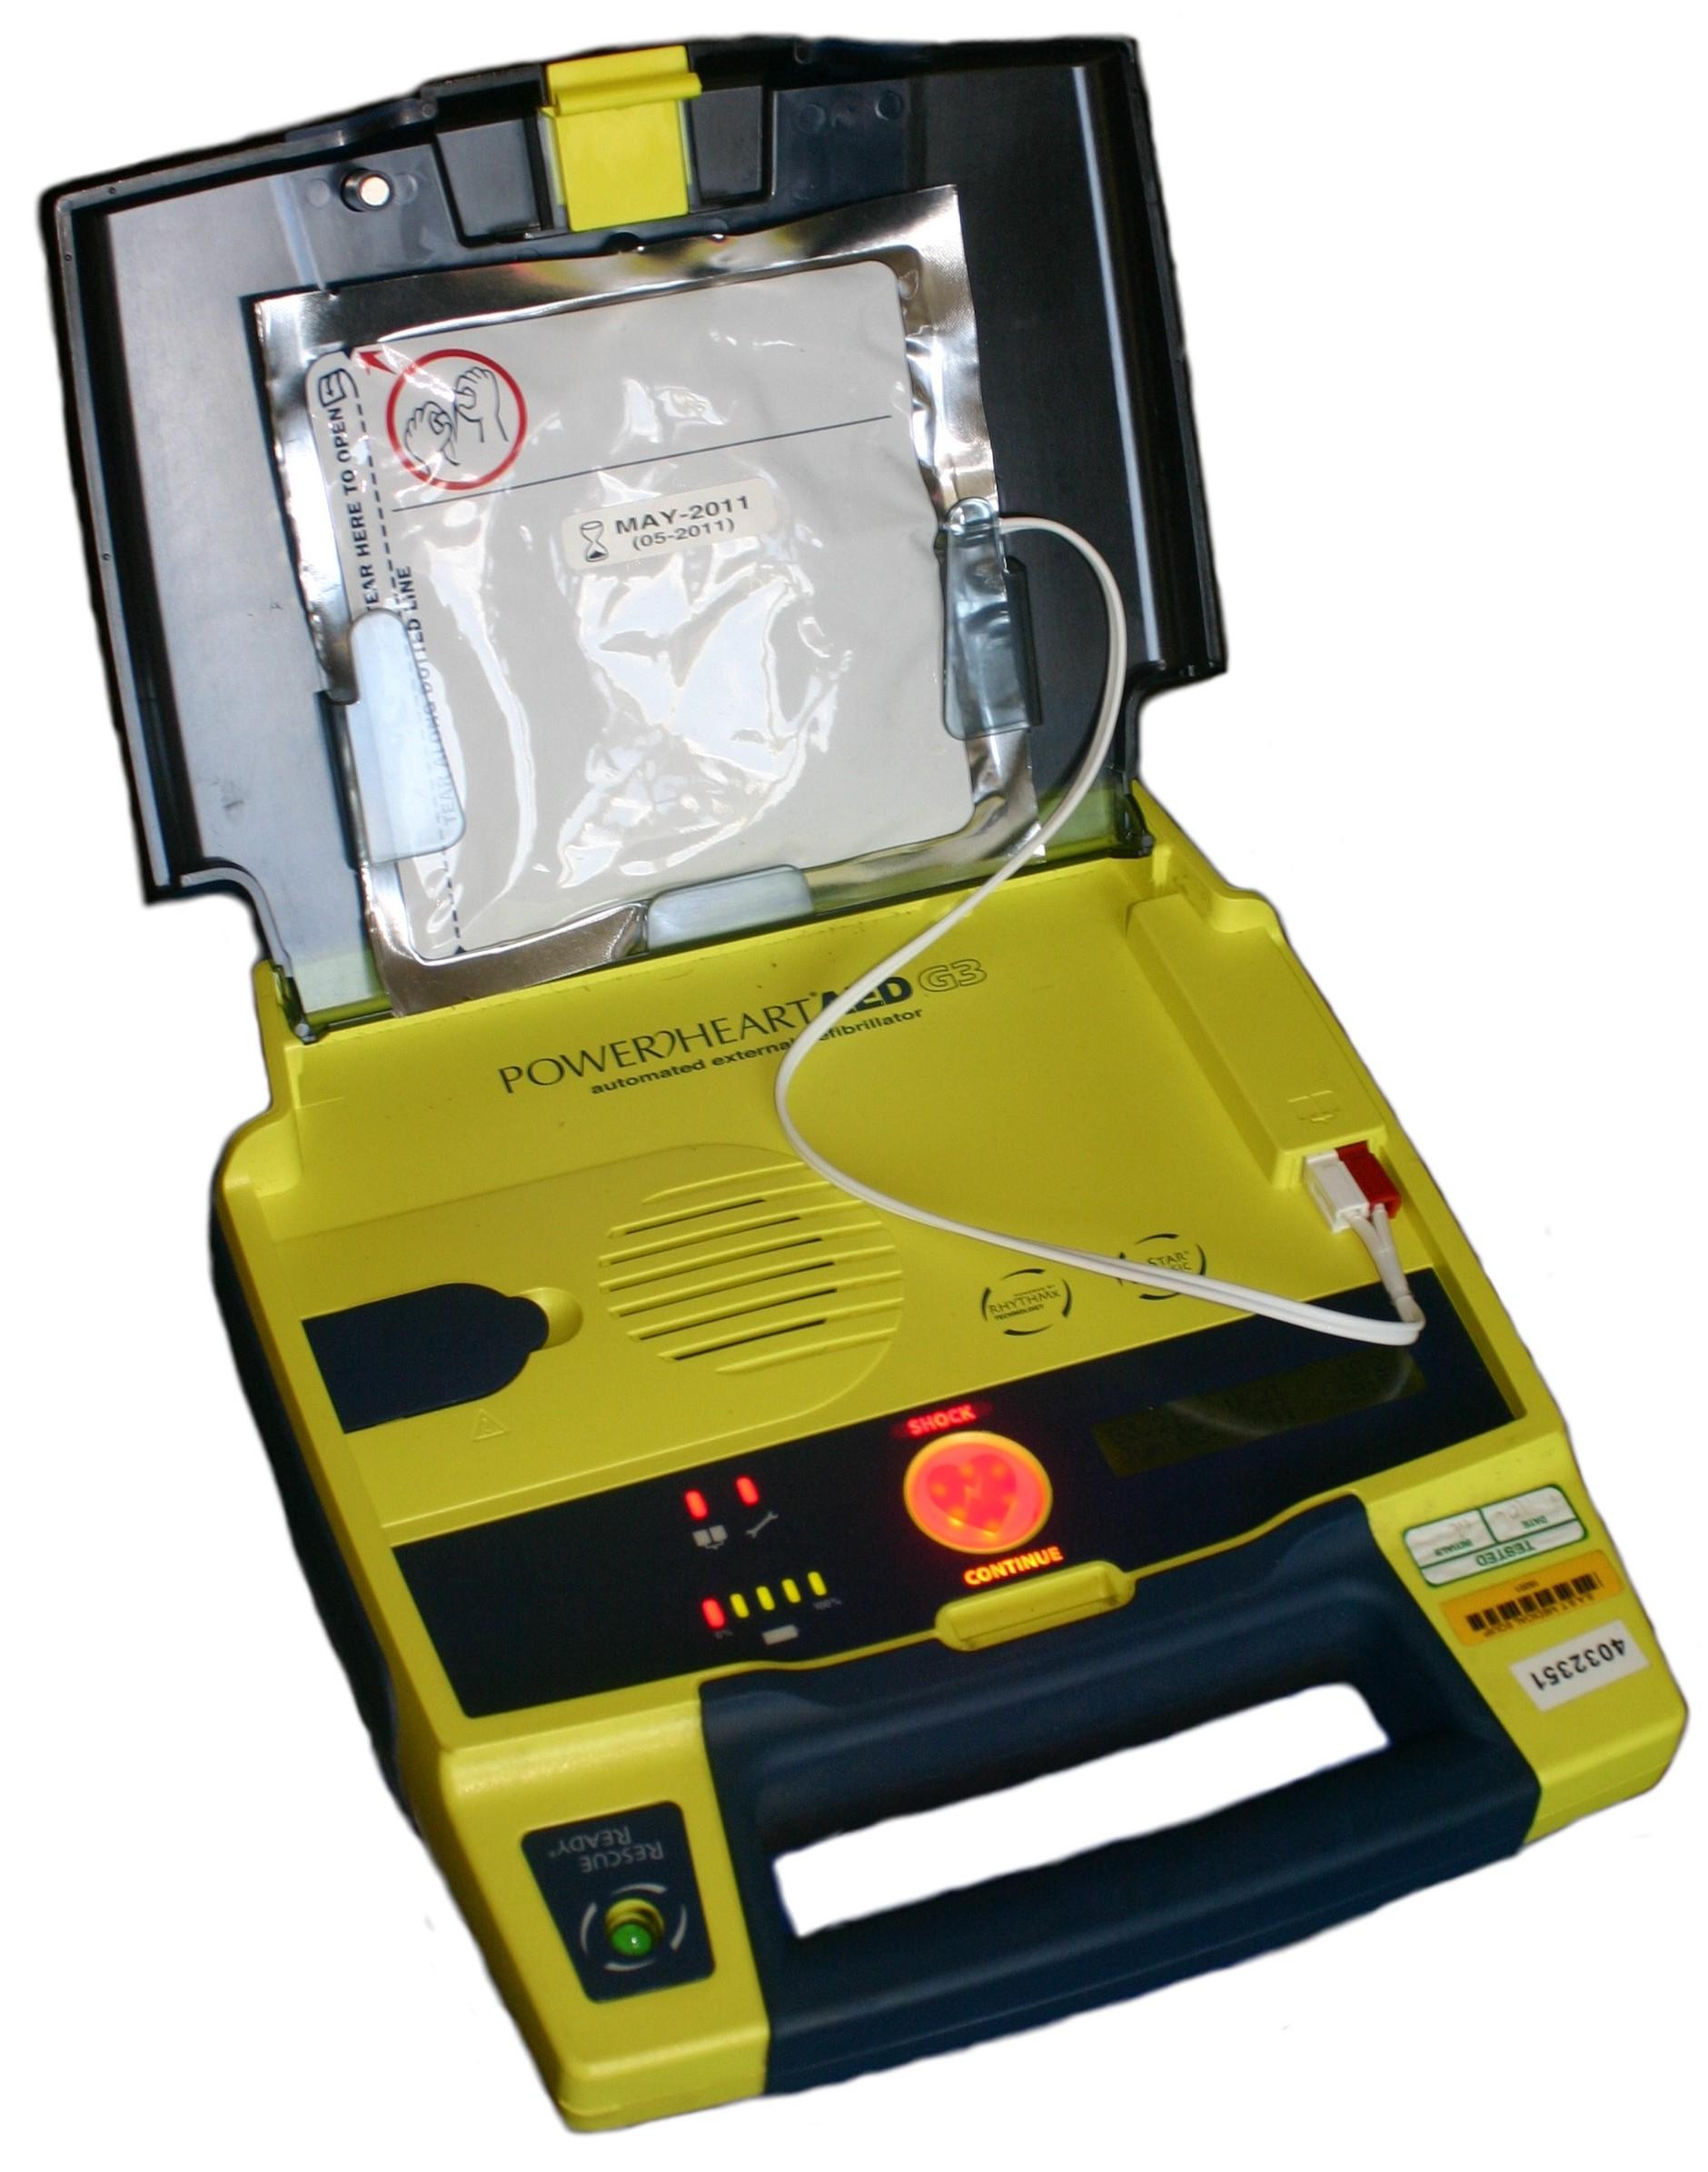 Automatický externý defibrilátor.